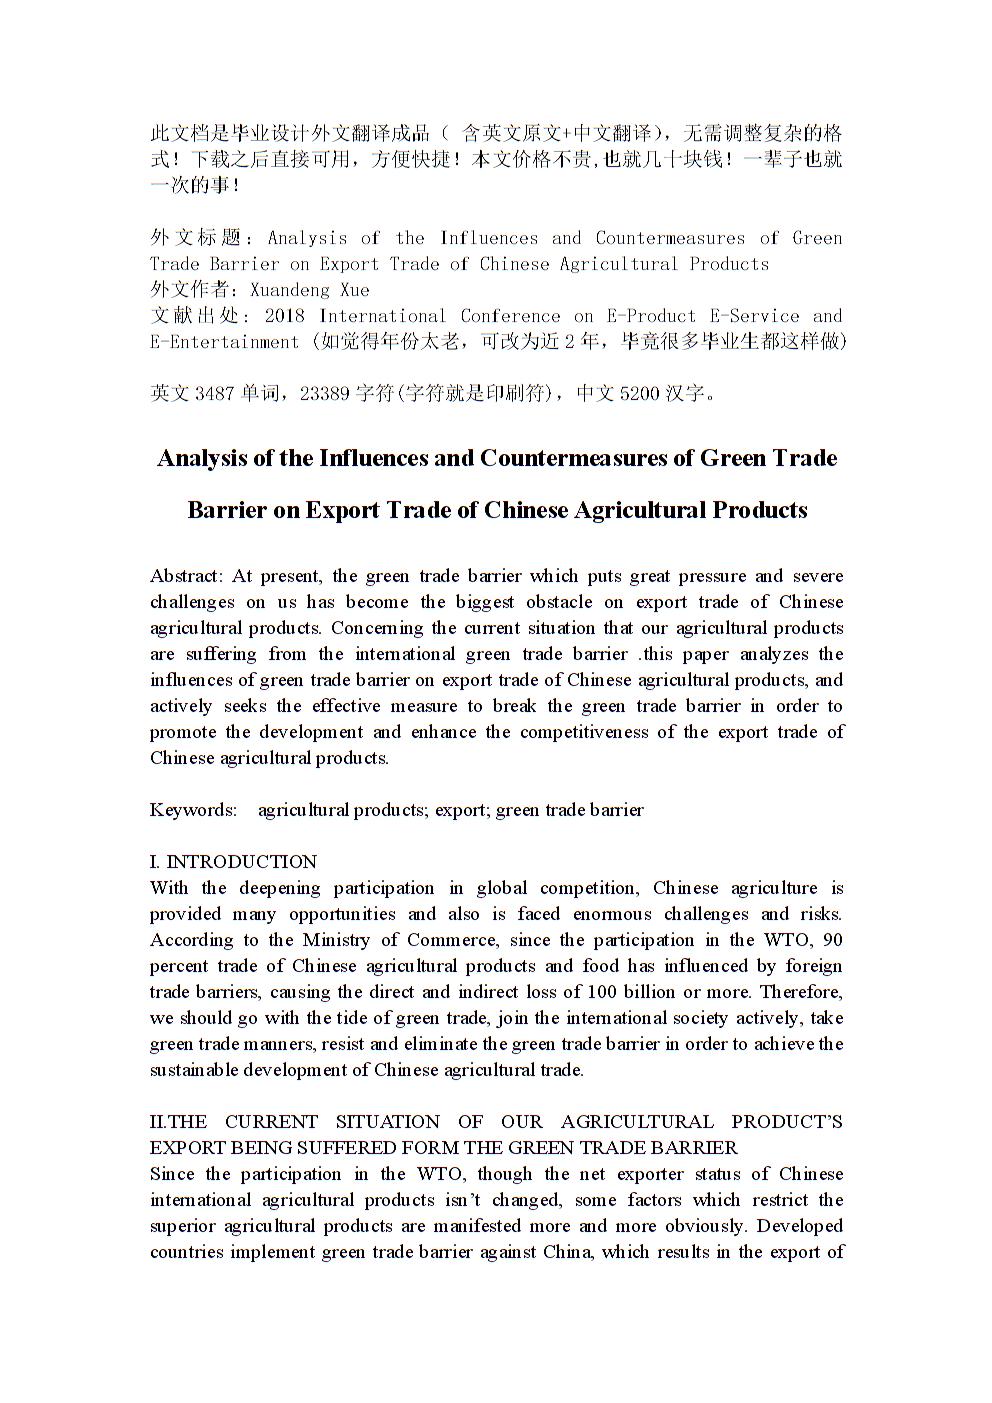 关于对我国农产品贸易影响有关 的外文文献翻译成品:绿色贸易壁垒对中国农产品出口贸易的影响及对策分析(中英文双语对照)8.docx